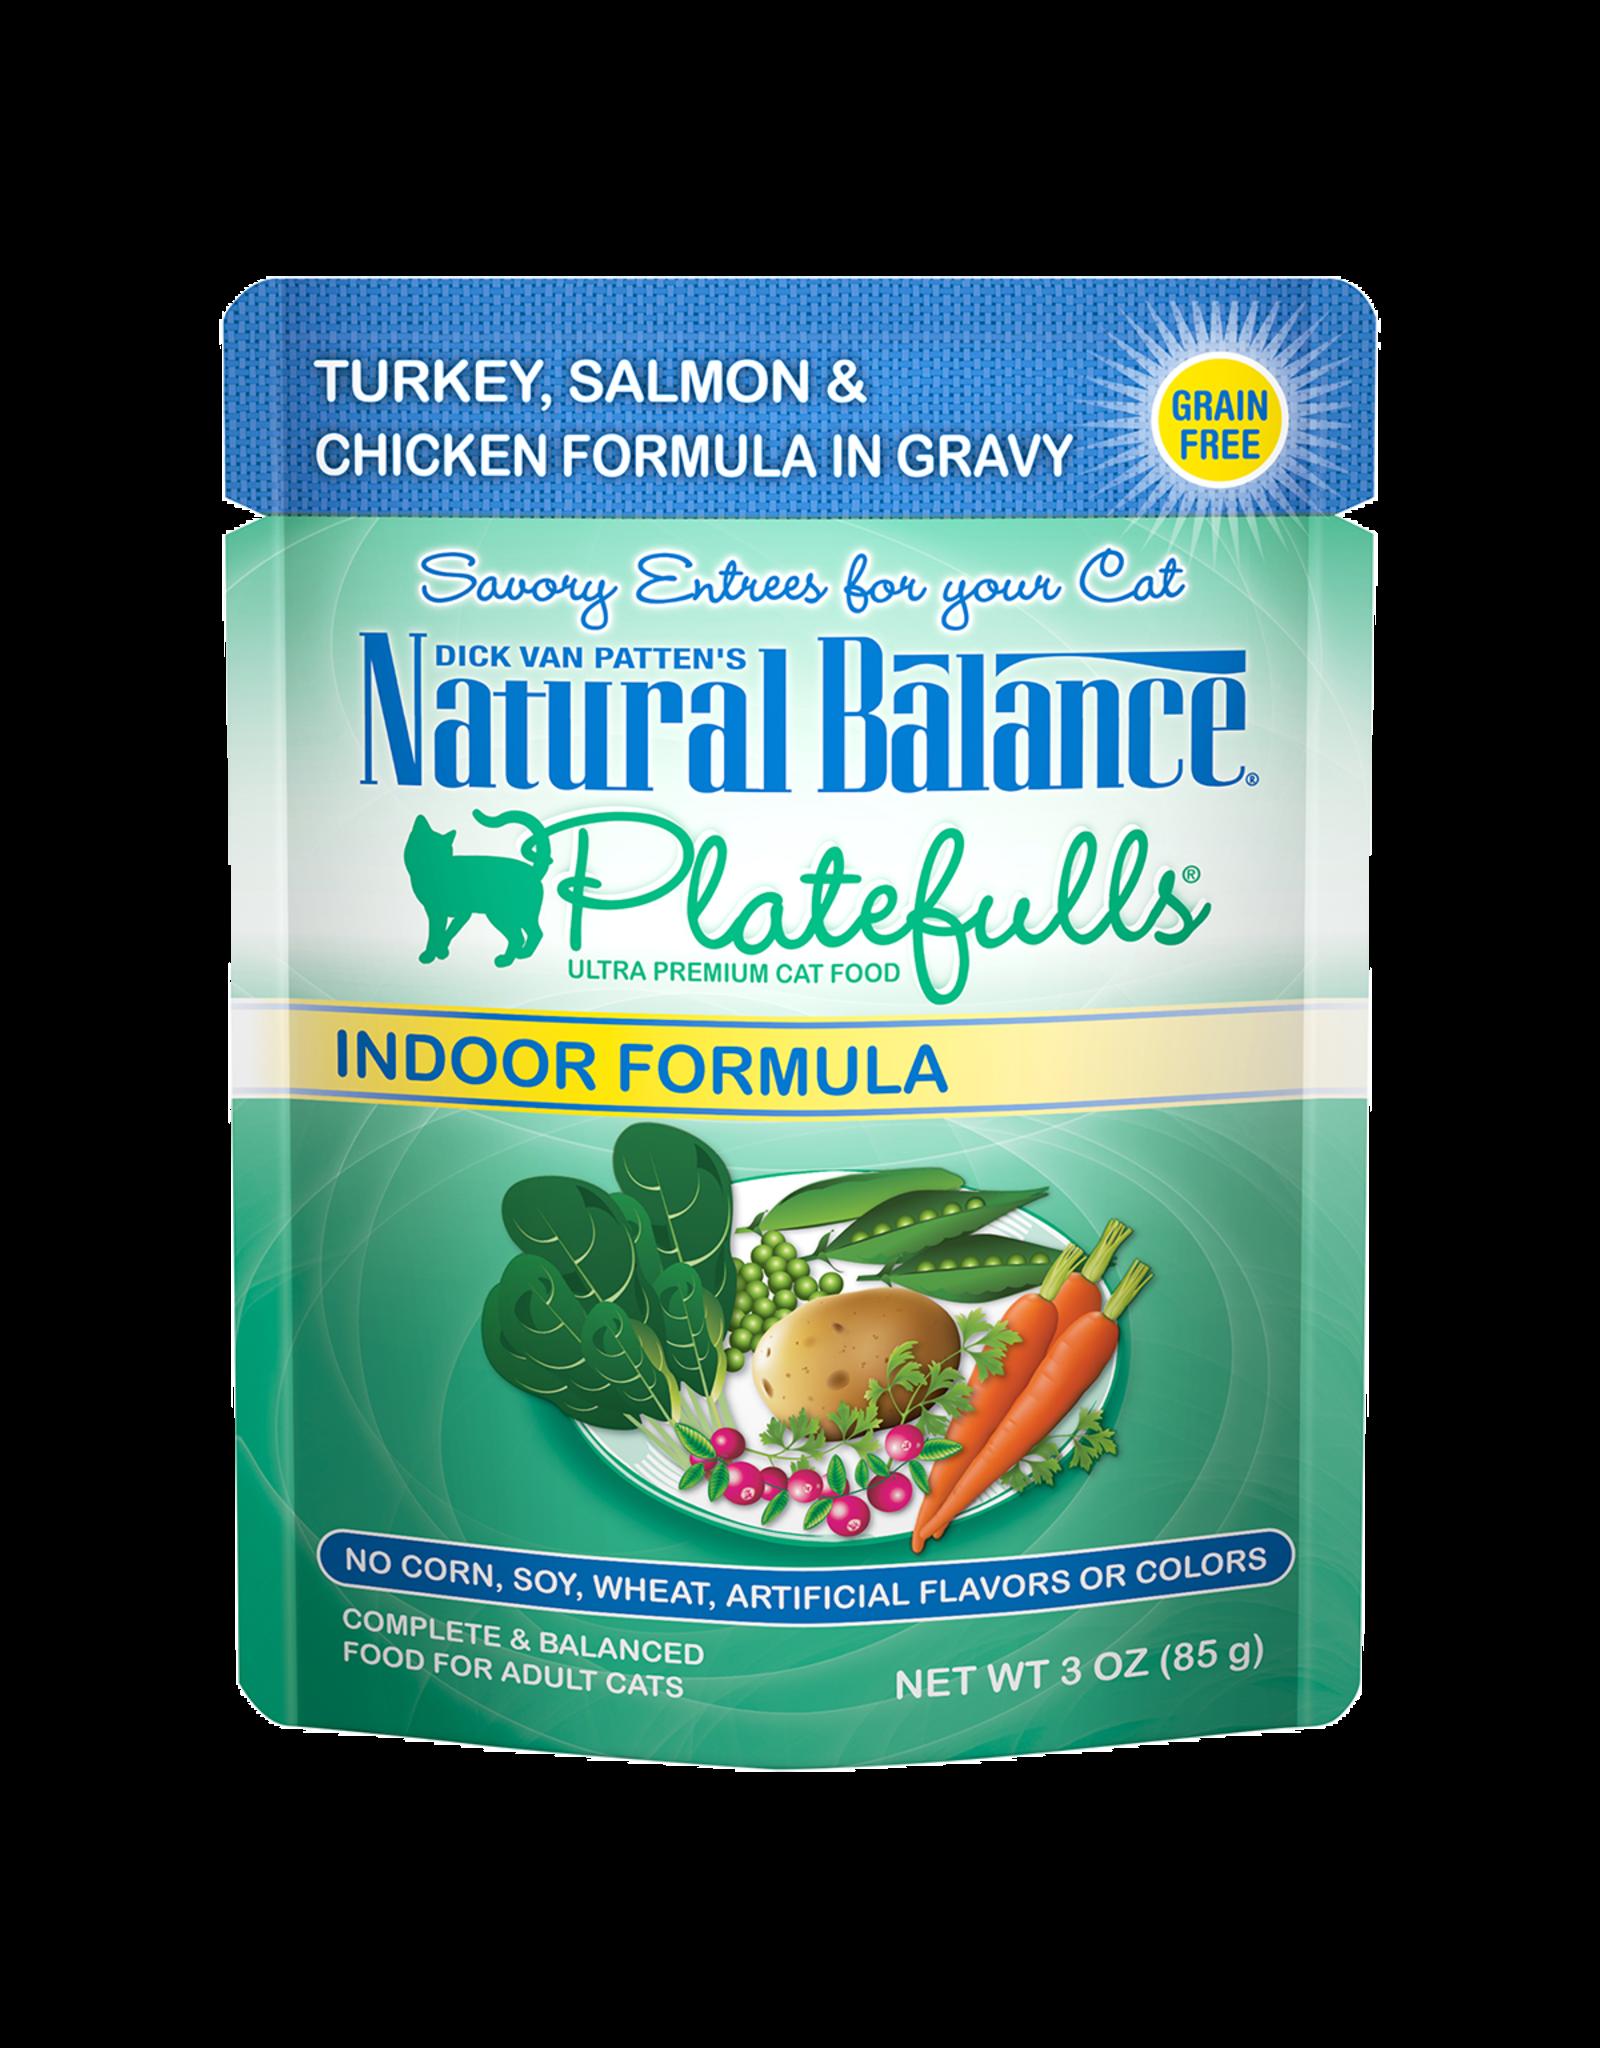 Natural Balance Natural Balance Turkey/Salmon/Chicken 3oz